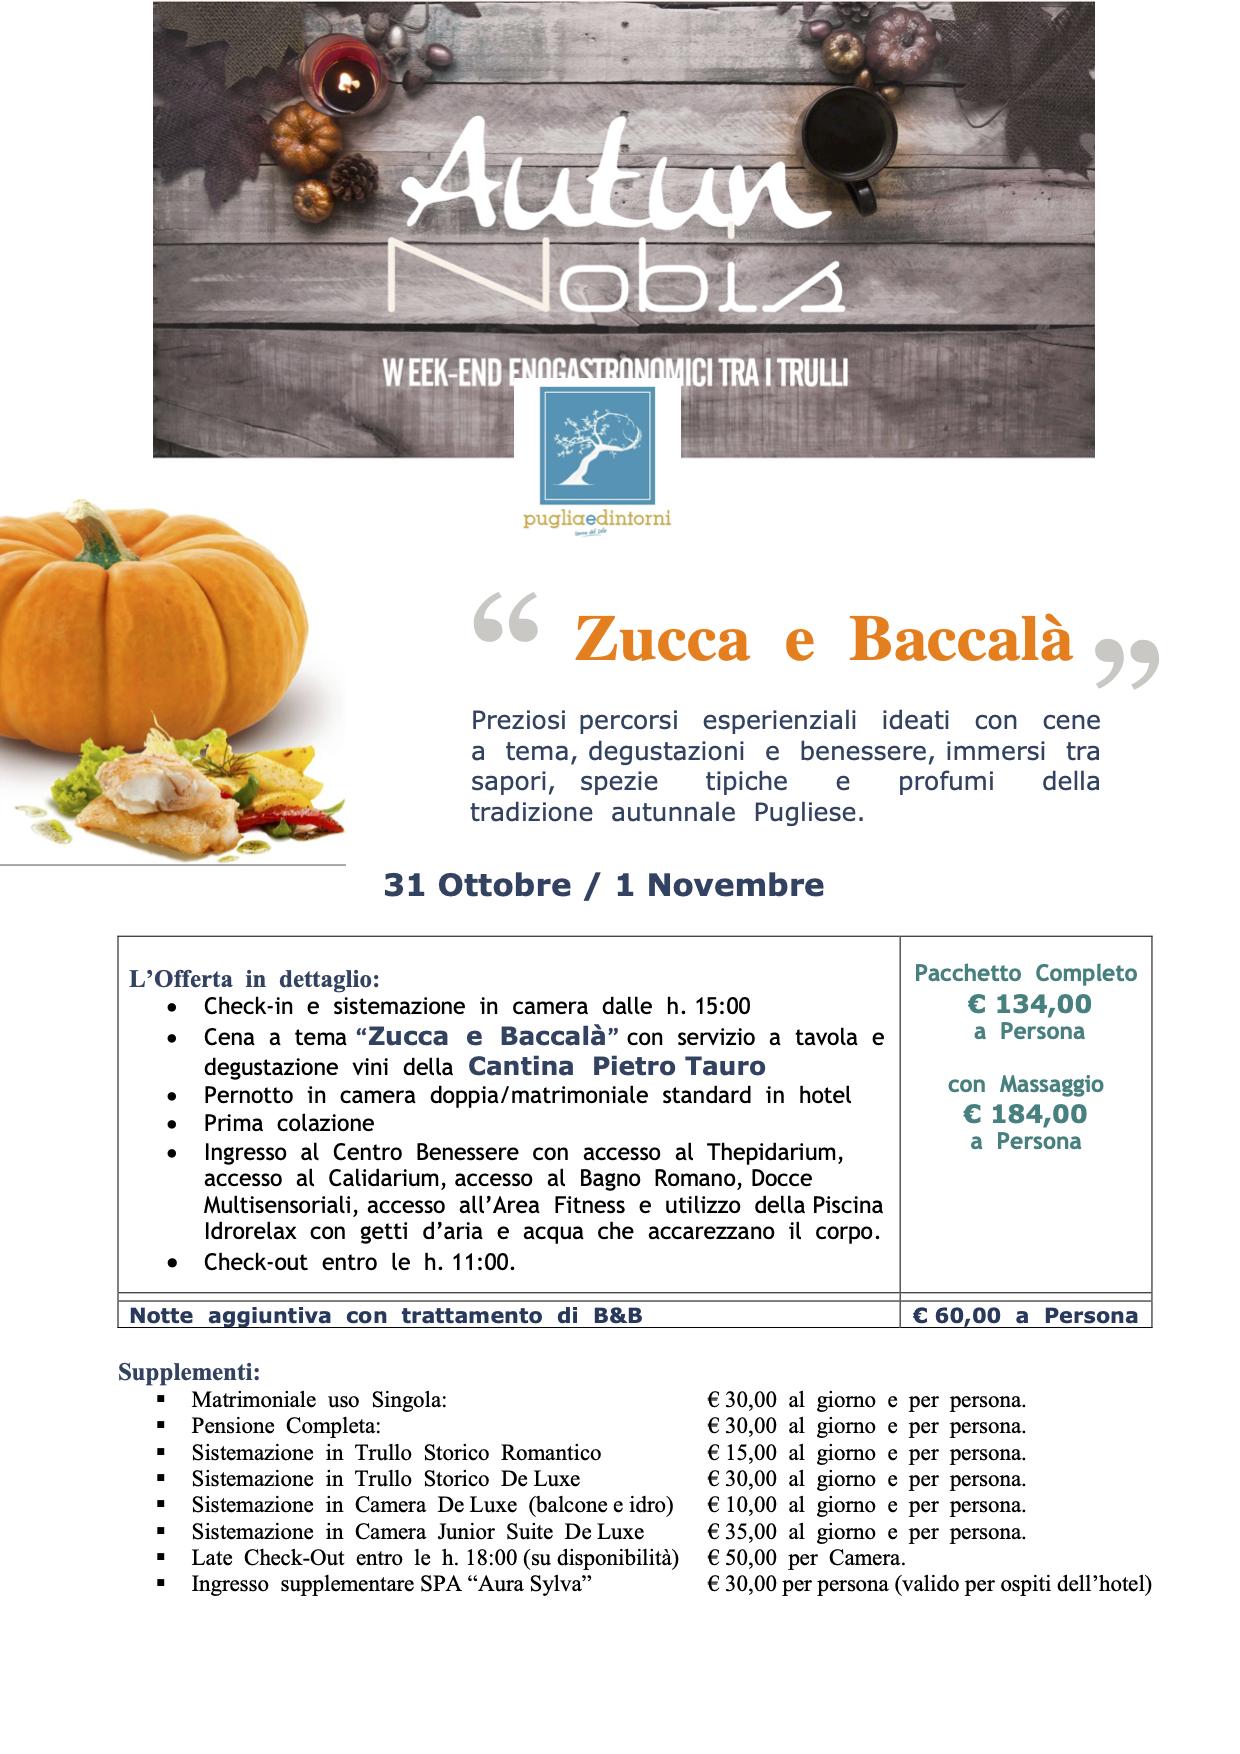 Zucca e Baccalà 31 ott 1 nov 2020